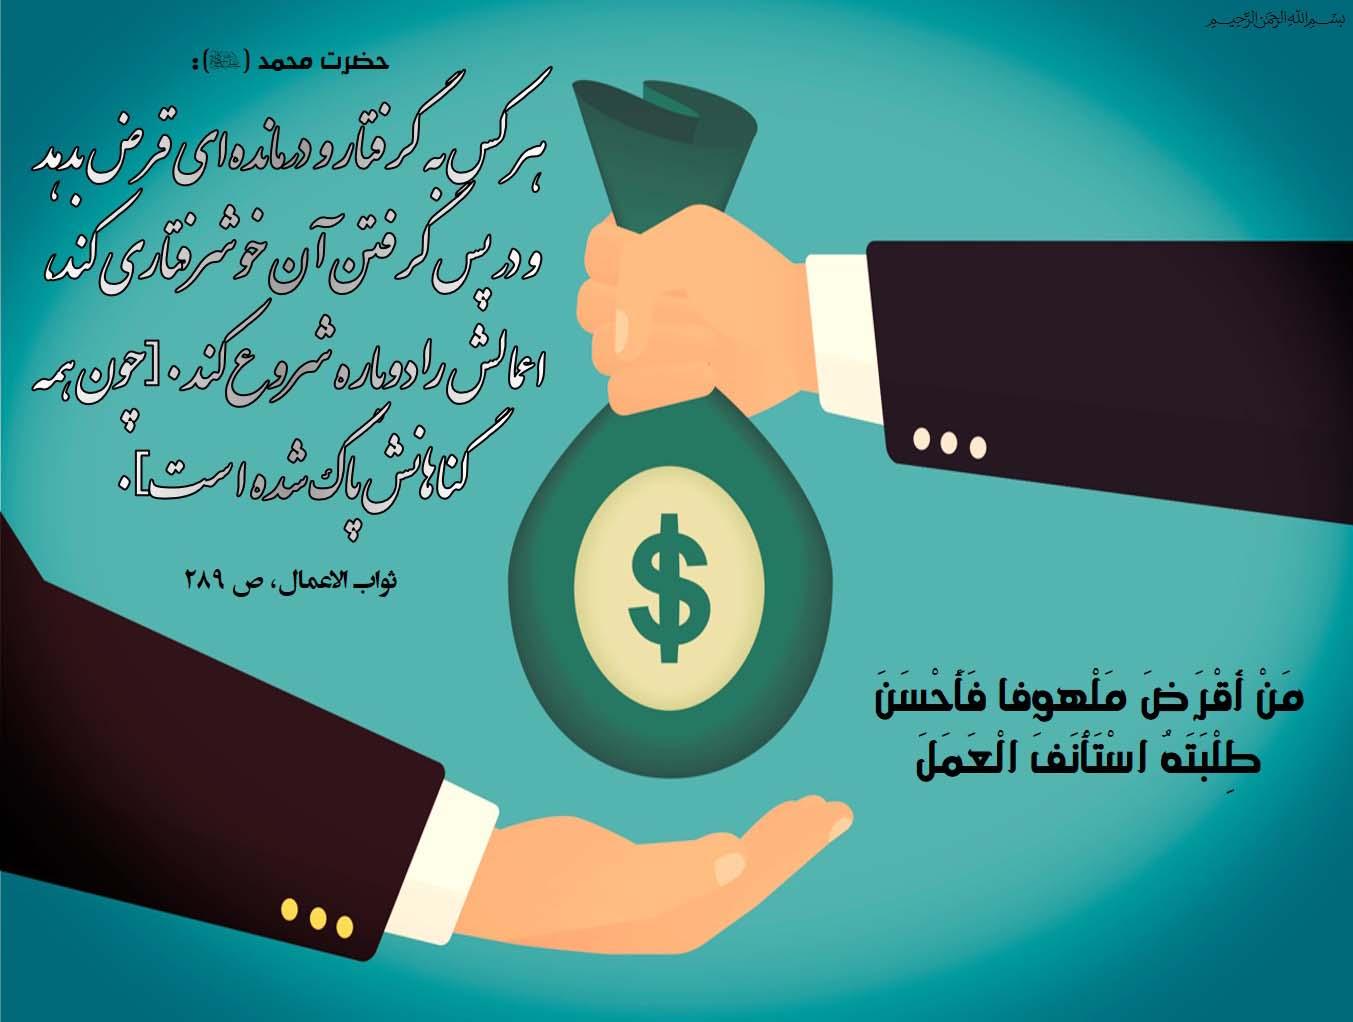 پاک شدن گناهان به واسطه قرض دادن به درماندگان